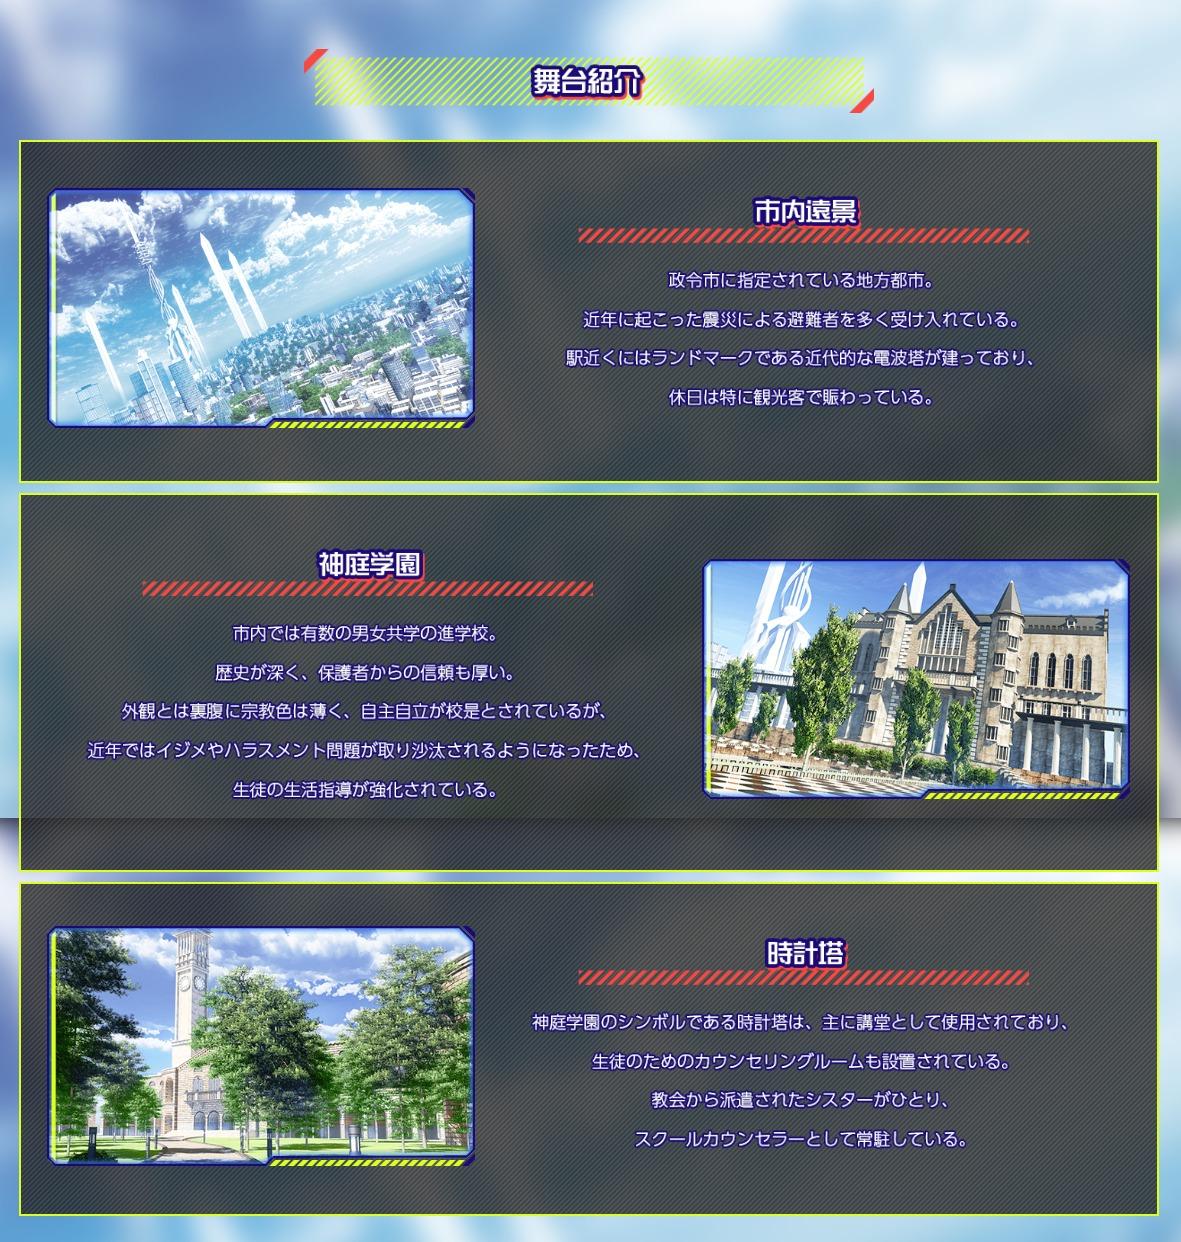 作品紹介|リアライブ|Purple software